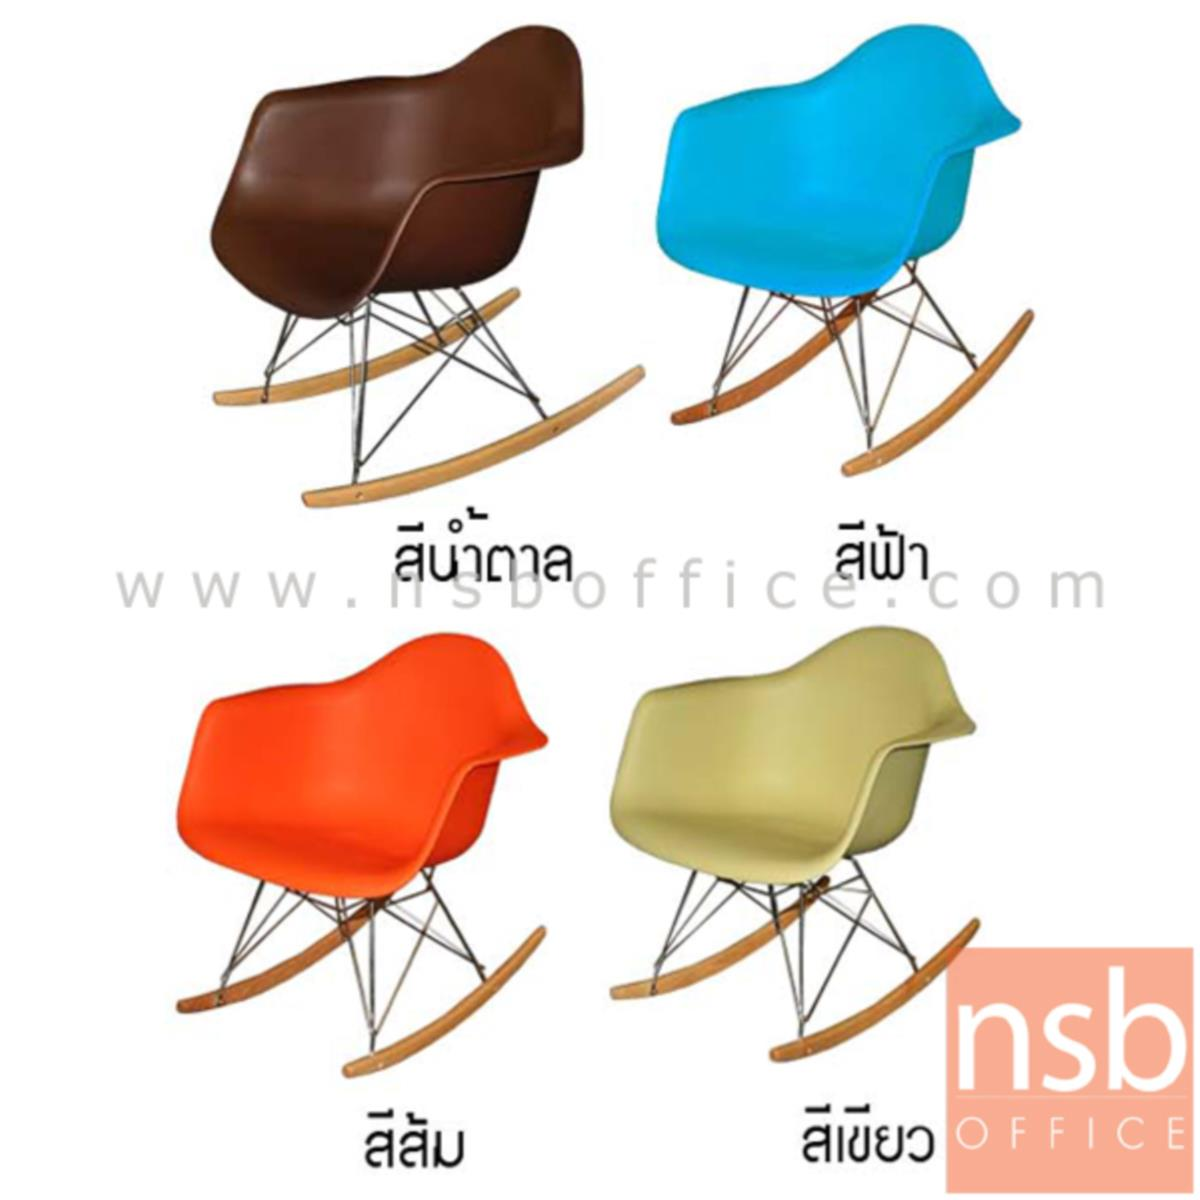 เก้าอี้โมเดิร์นพลาสติก(PP) รุ่น Flying Birds (ฟลายอิ้งเบิร์ด) ขนาด 63W cm. โครงเหล็ก ขาไม้